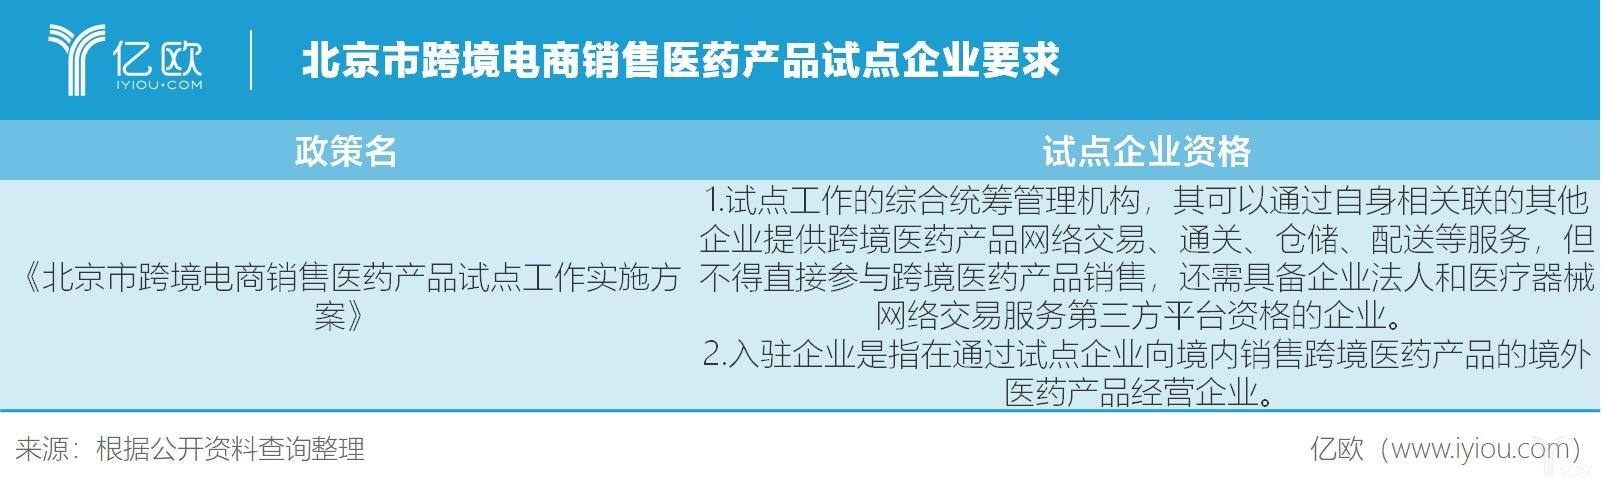 北京市跨境电商销售医药产品试点企业要求